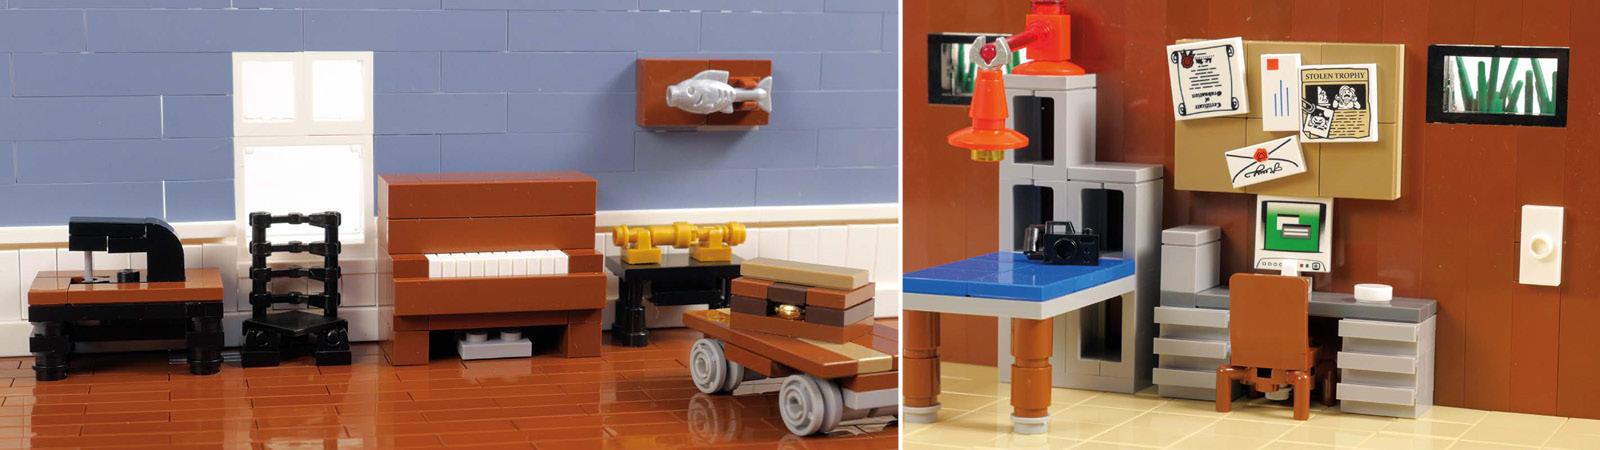 ʀᴇᴠɪᴇᴡ: The LEGO Neighborhood Book 2: Build your own city